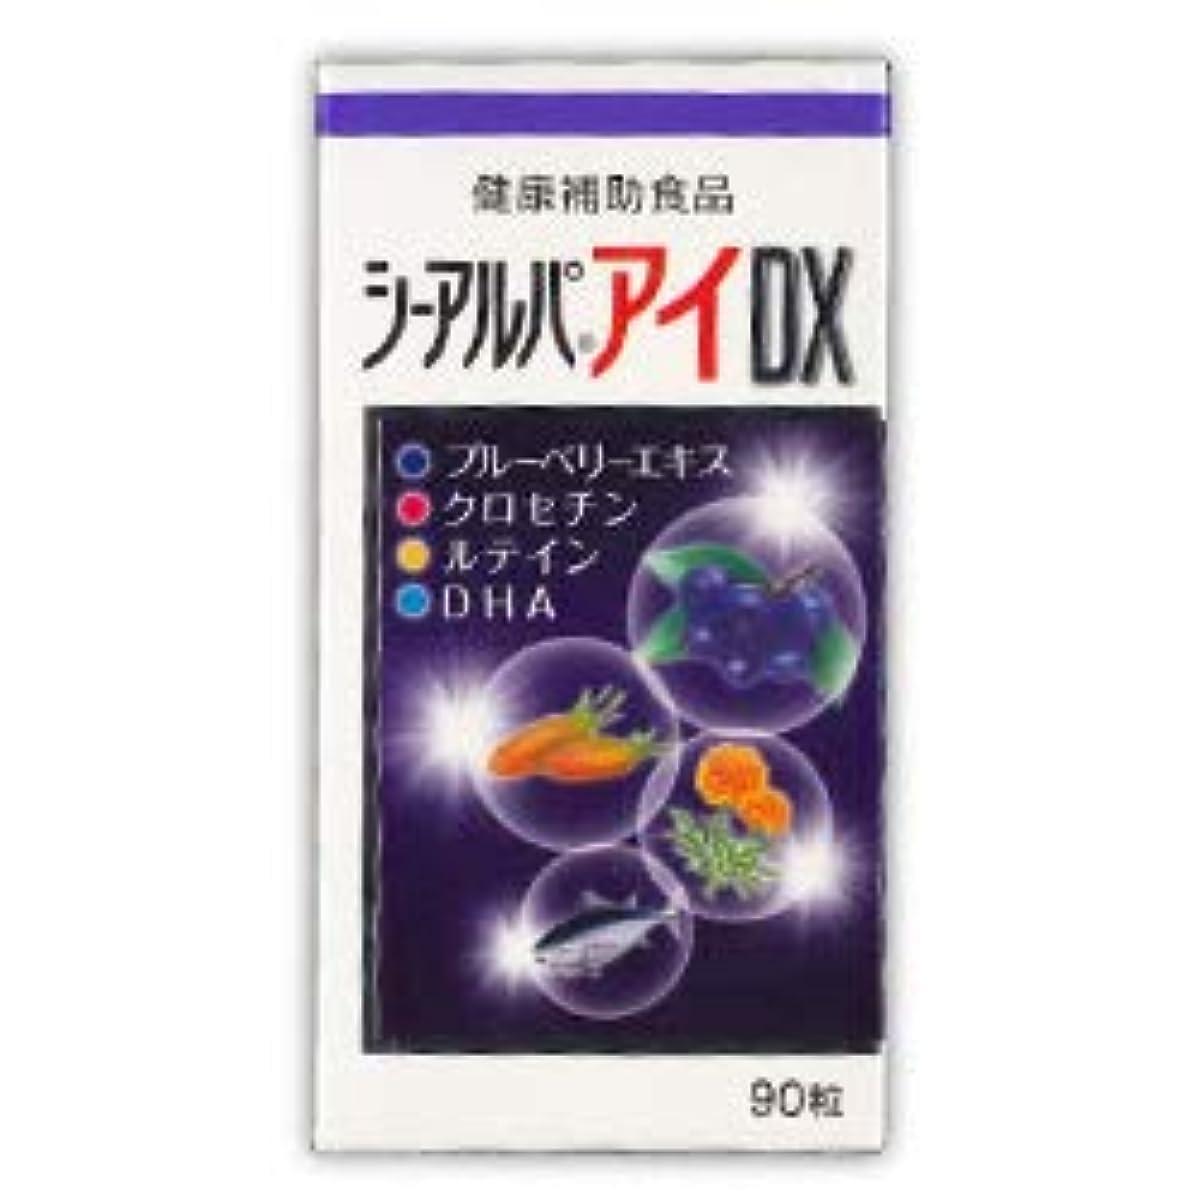 つばつば駐地【日水製薬】シーアルパアイDX 90粒